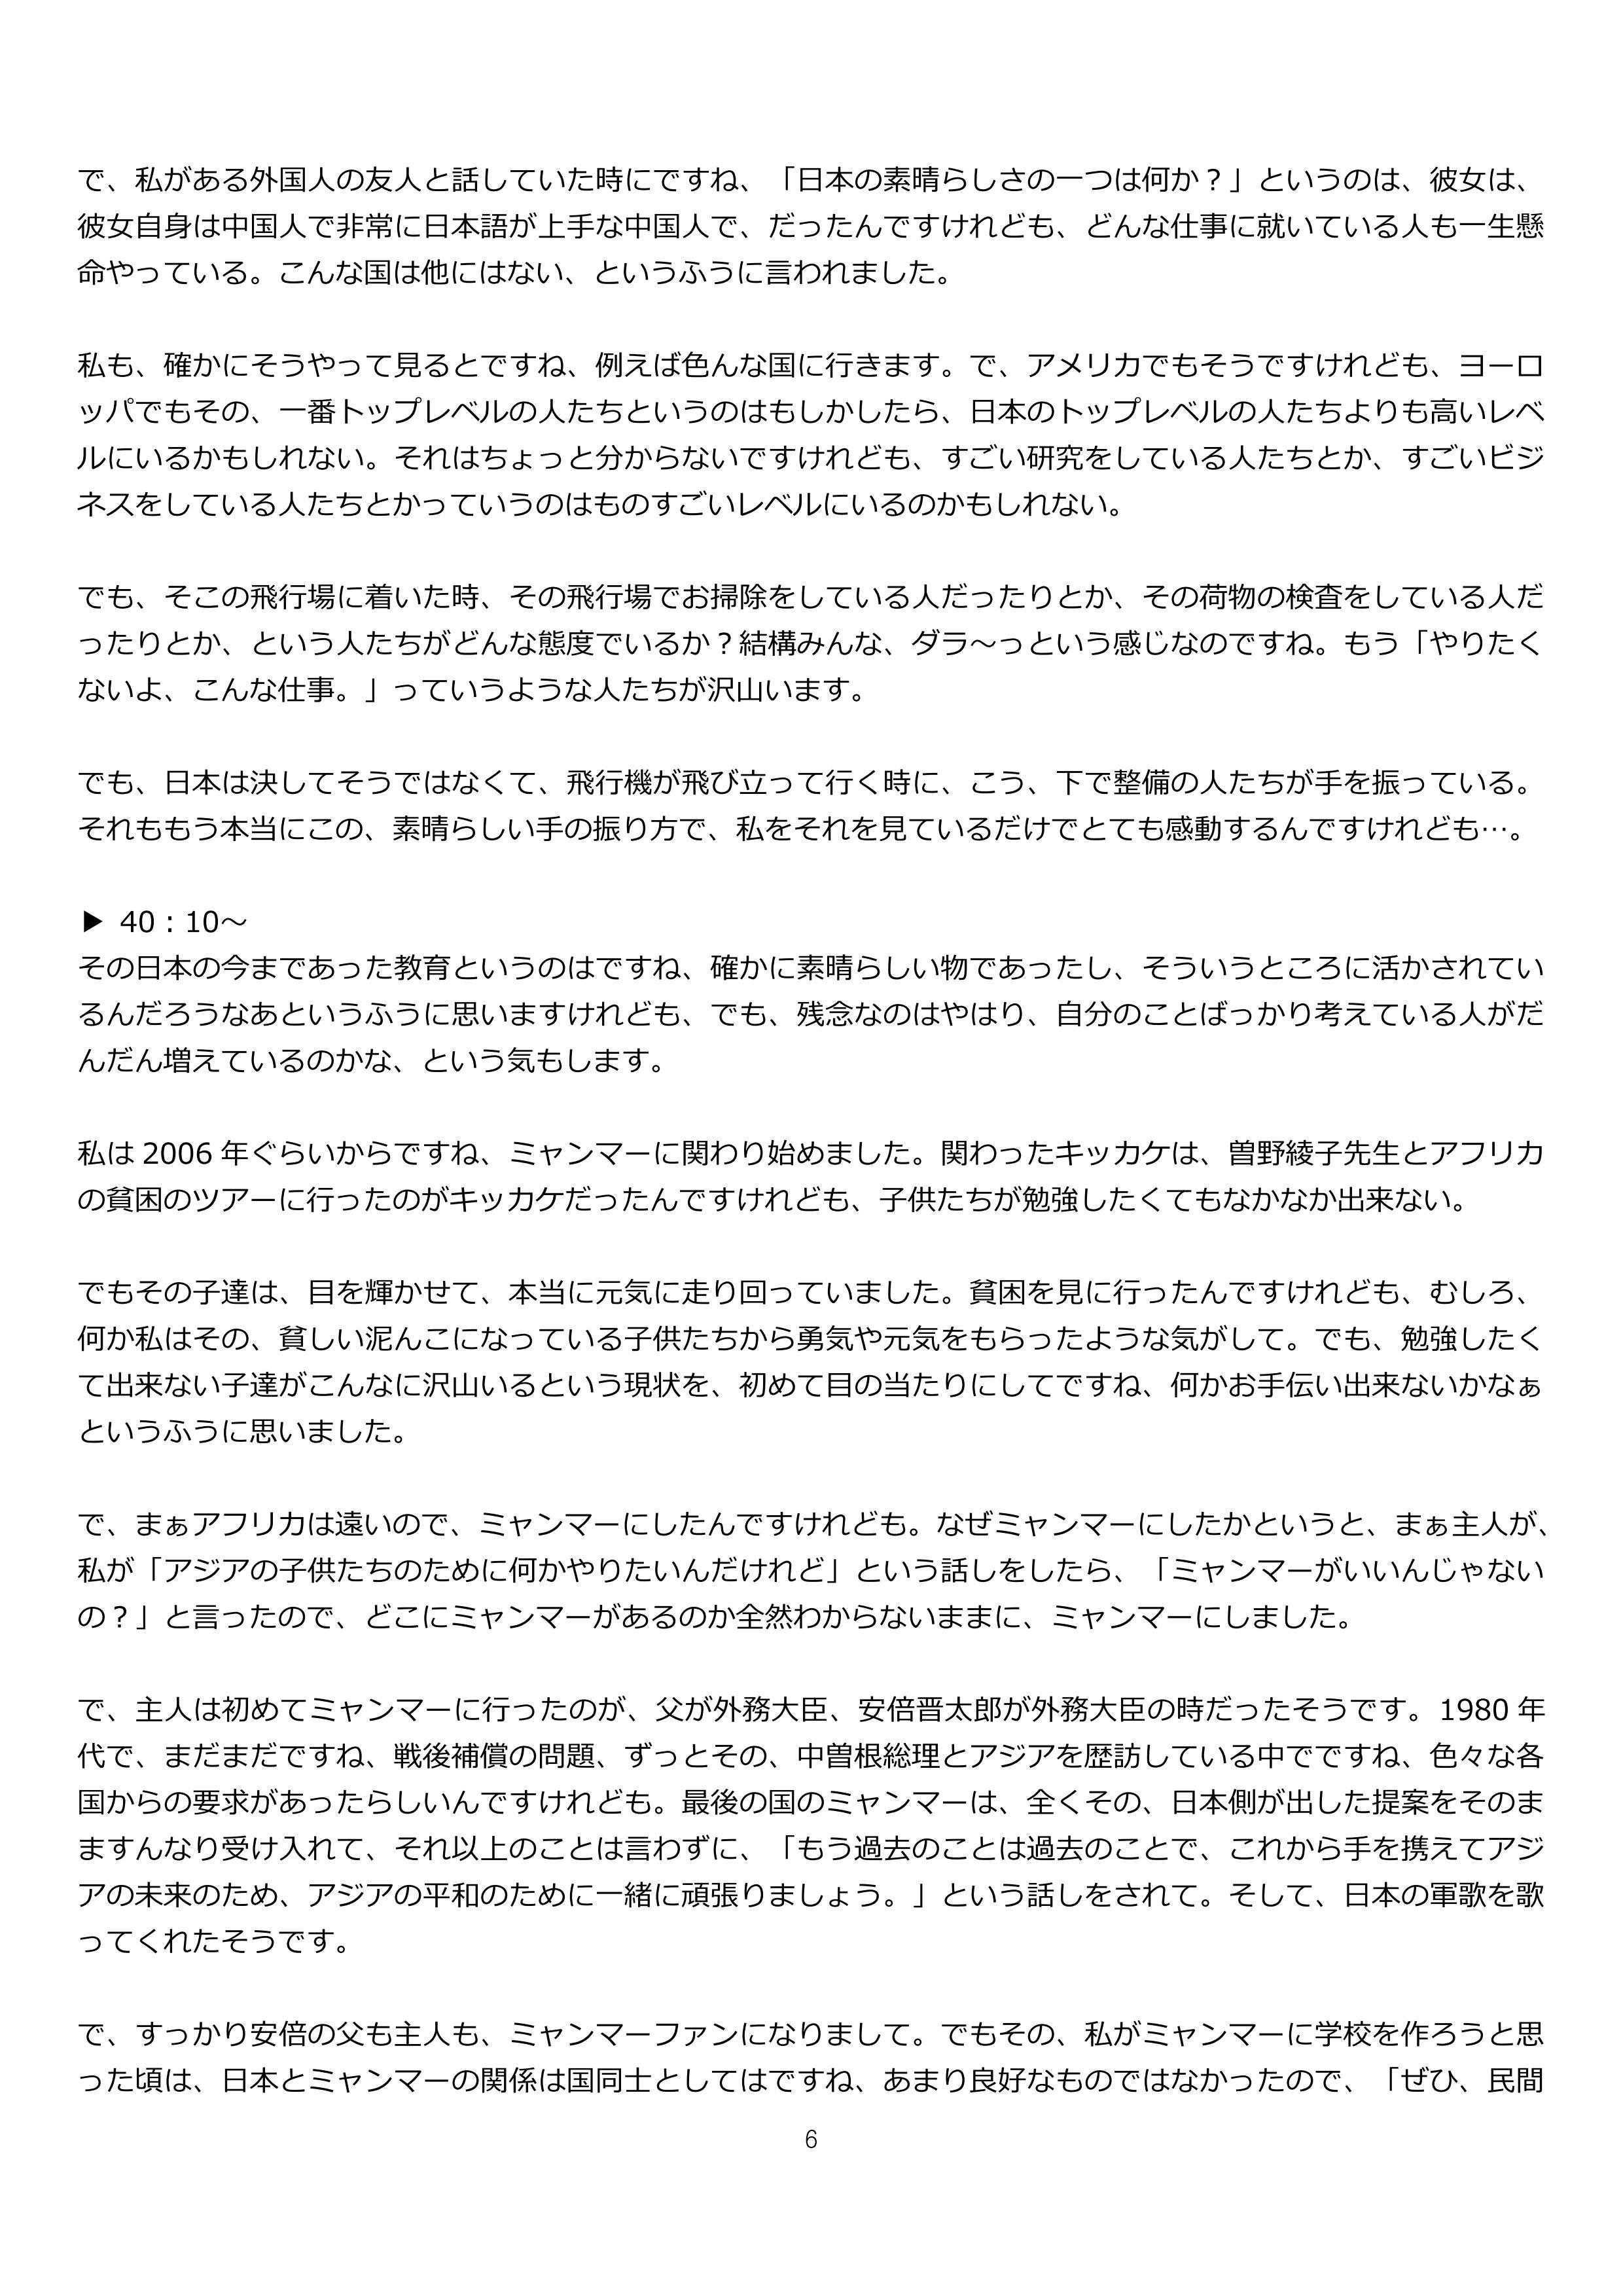 20150905_塚本幼稚園内講演会 (1) (1)_06